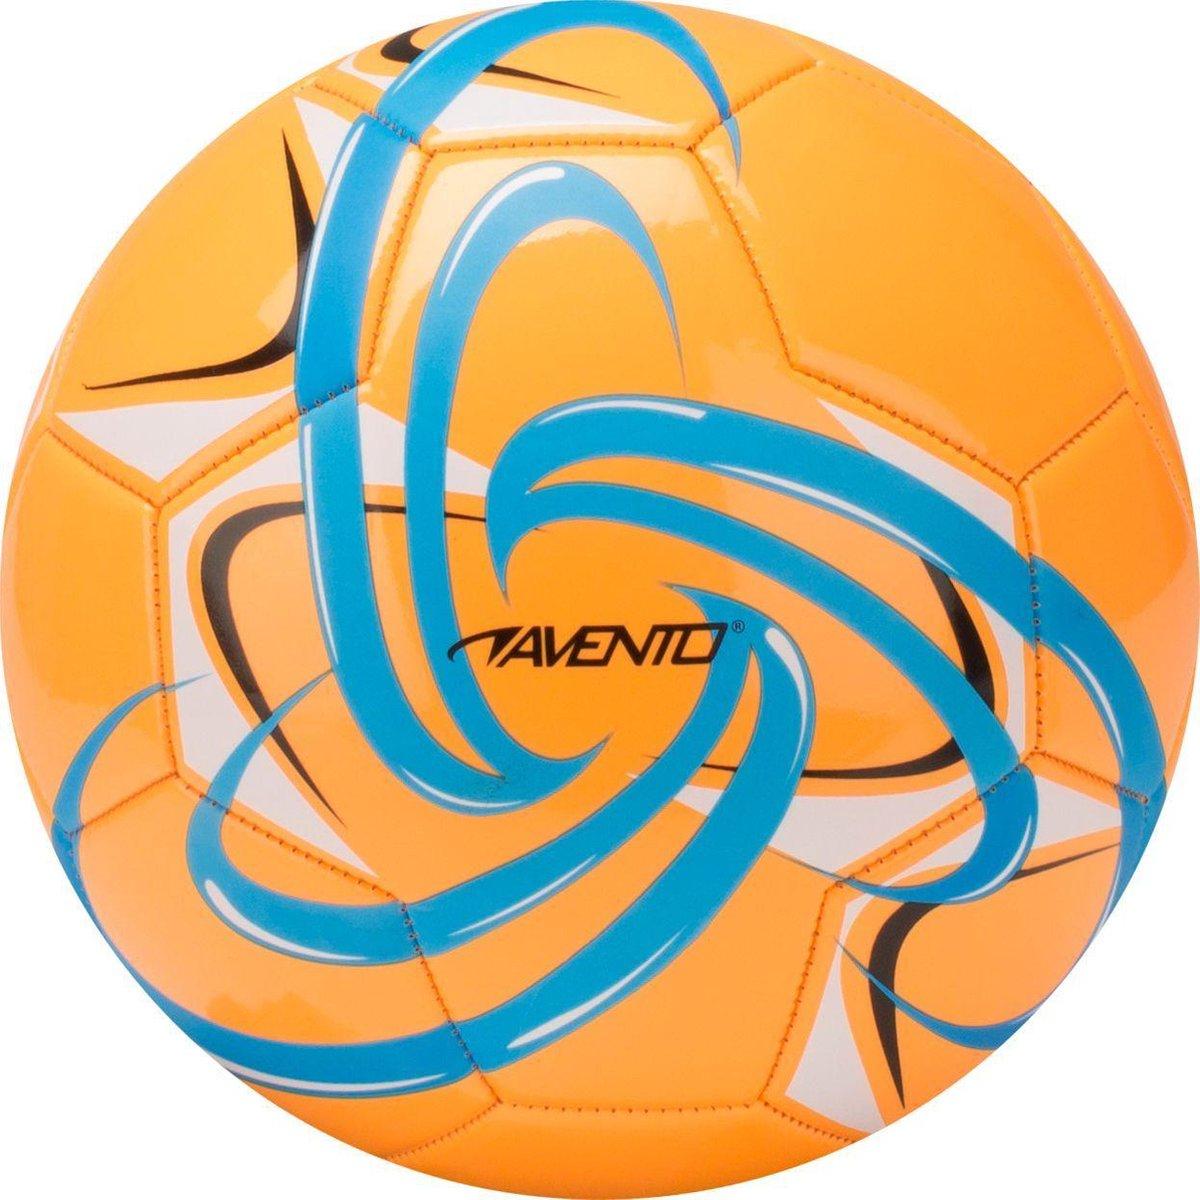 Avento Voetbal Glossy - Fluor - Oranje/Azuurblauw/Zwart/Wit - 5 - Avento